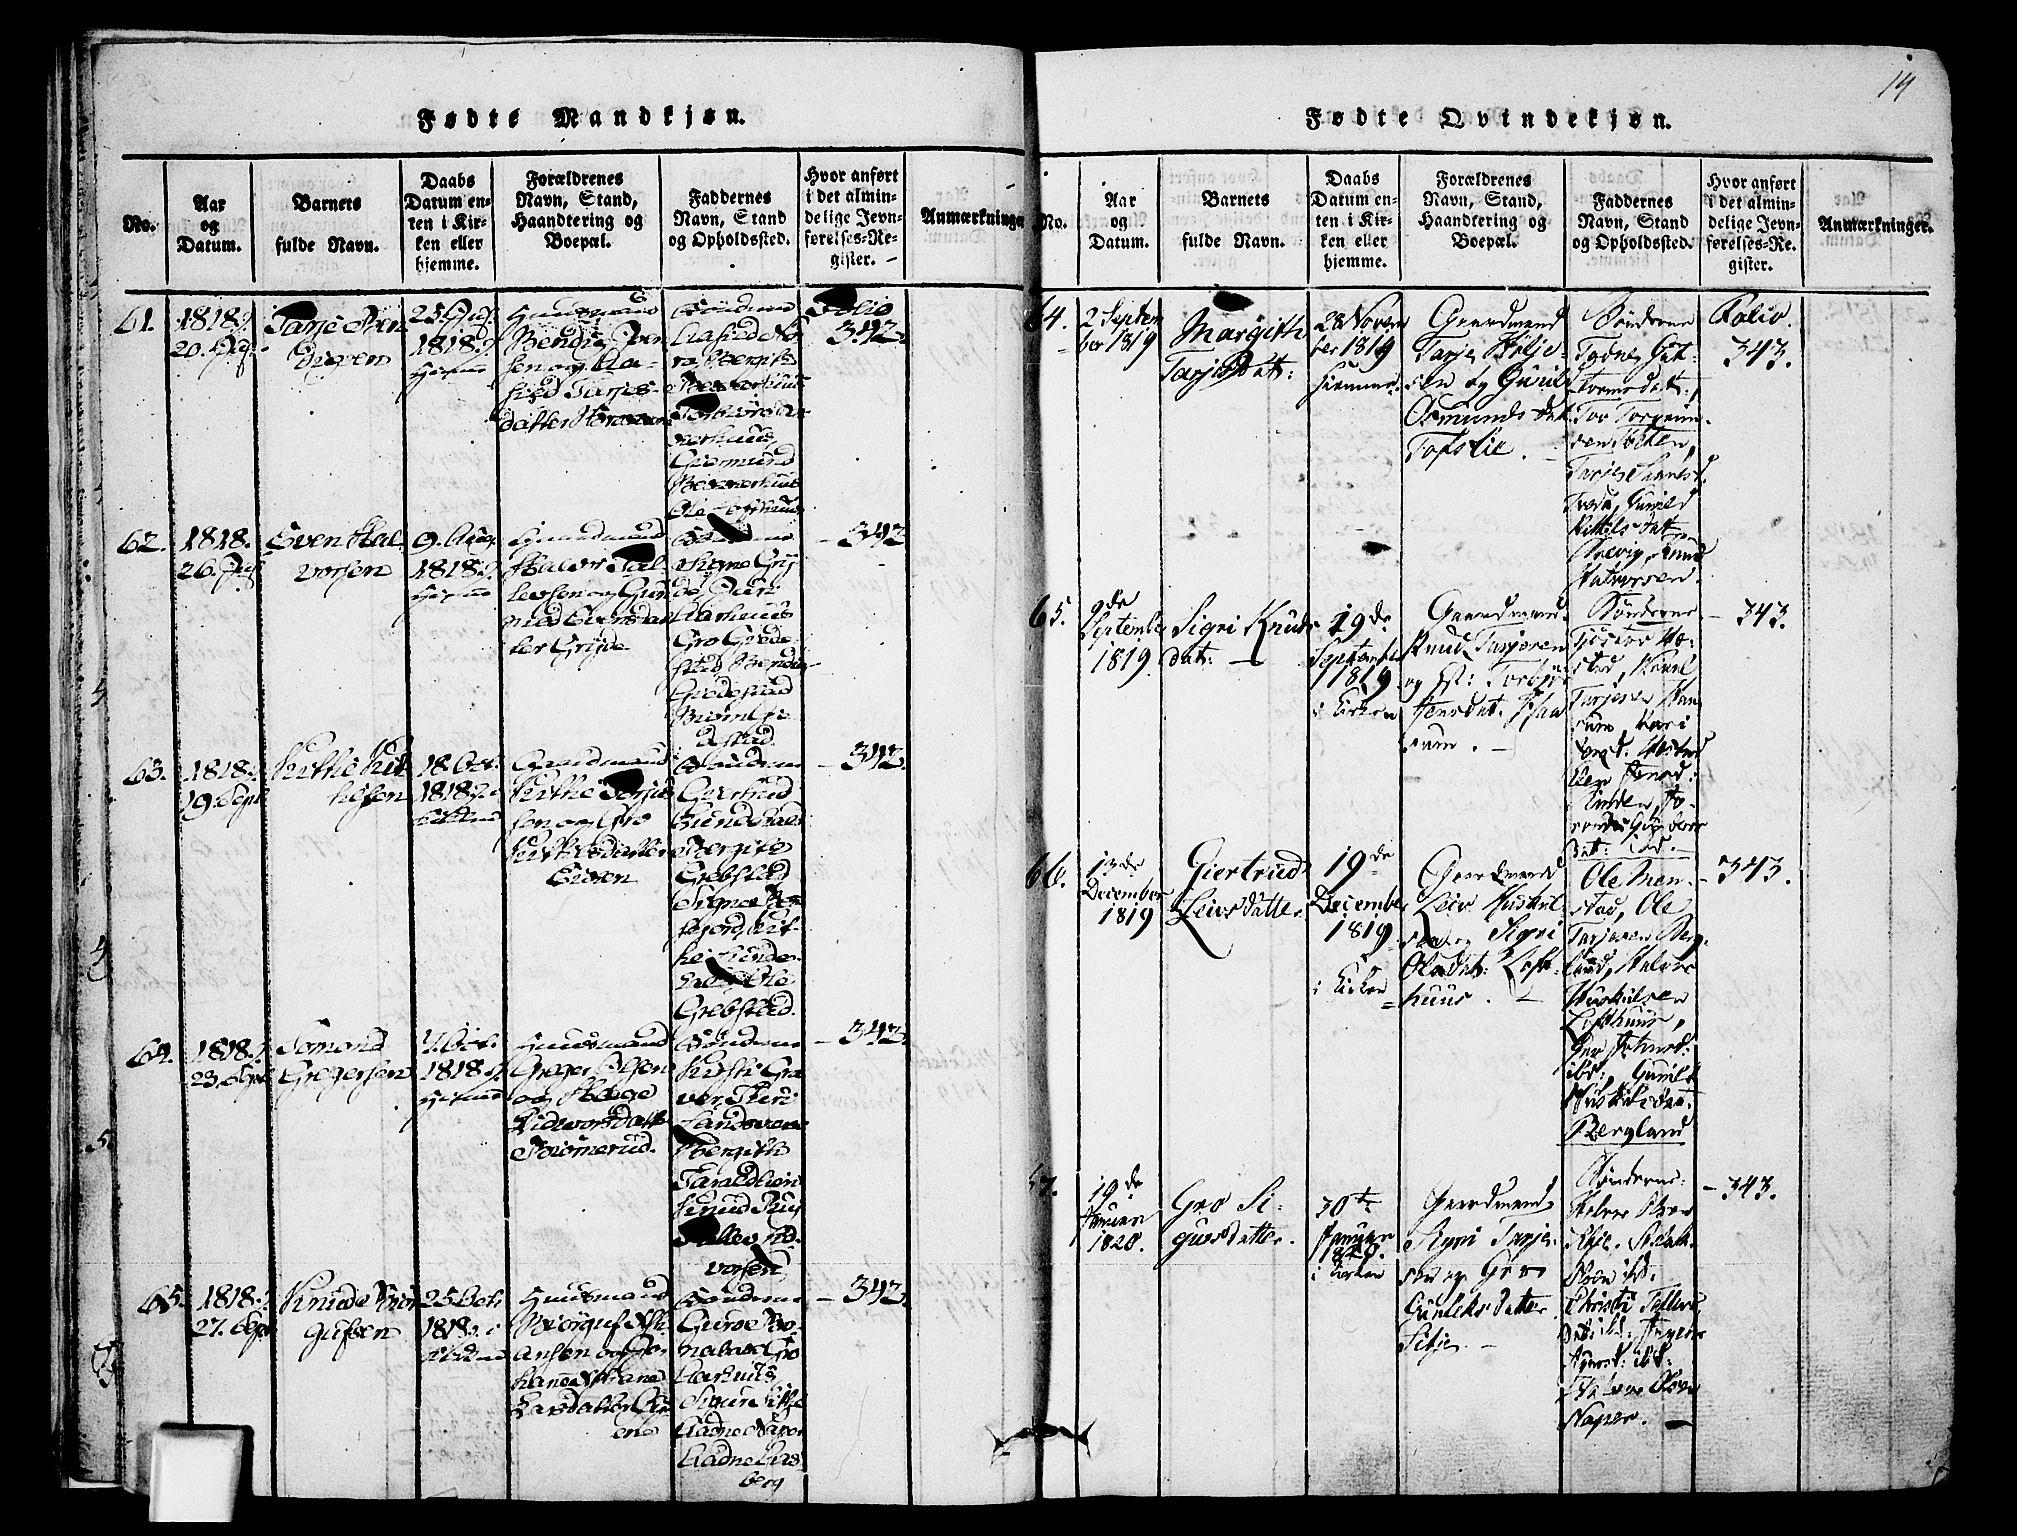 SAKO, Fyresdal kirkebøker, F/Fa/L0003: Ministerialbok nr. I 3, 1815-1840, s. 14